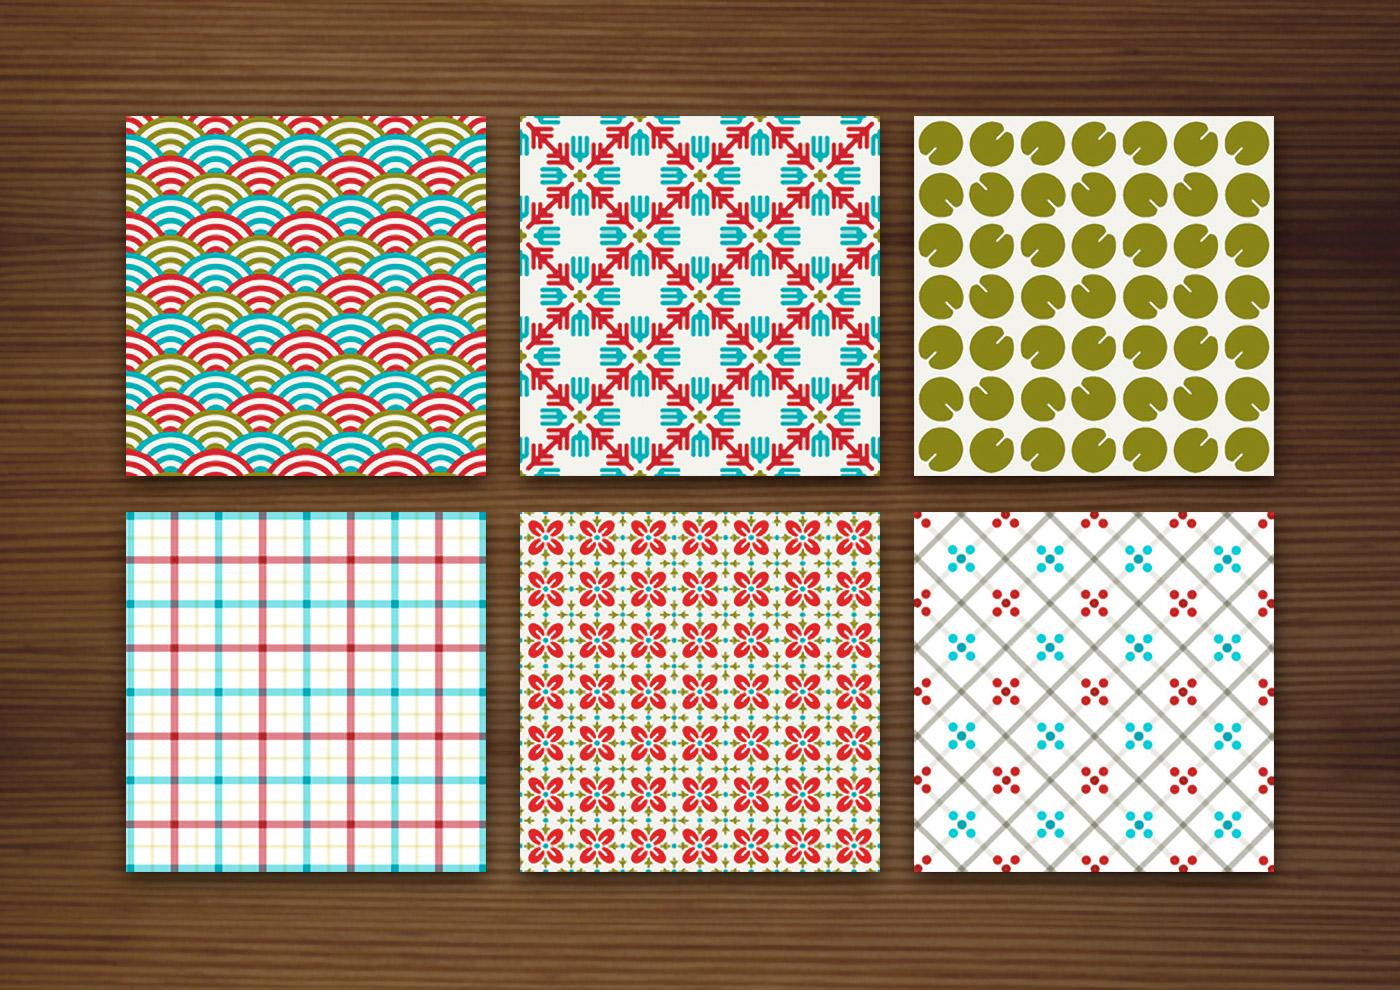 Grafik Design für bunte Muster für Stoffe, Tapeten und Papier mit Karos, Sternchen, Blättern, Wellen und Blumen für Produkte und Aufdrucke